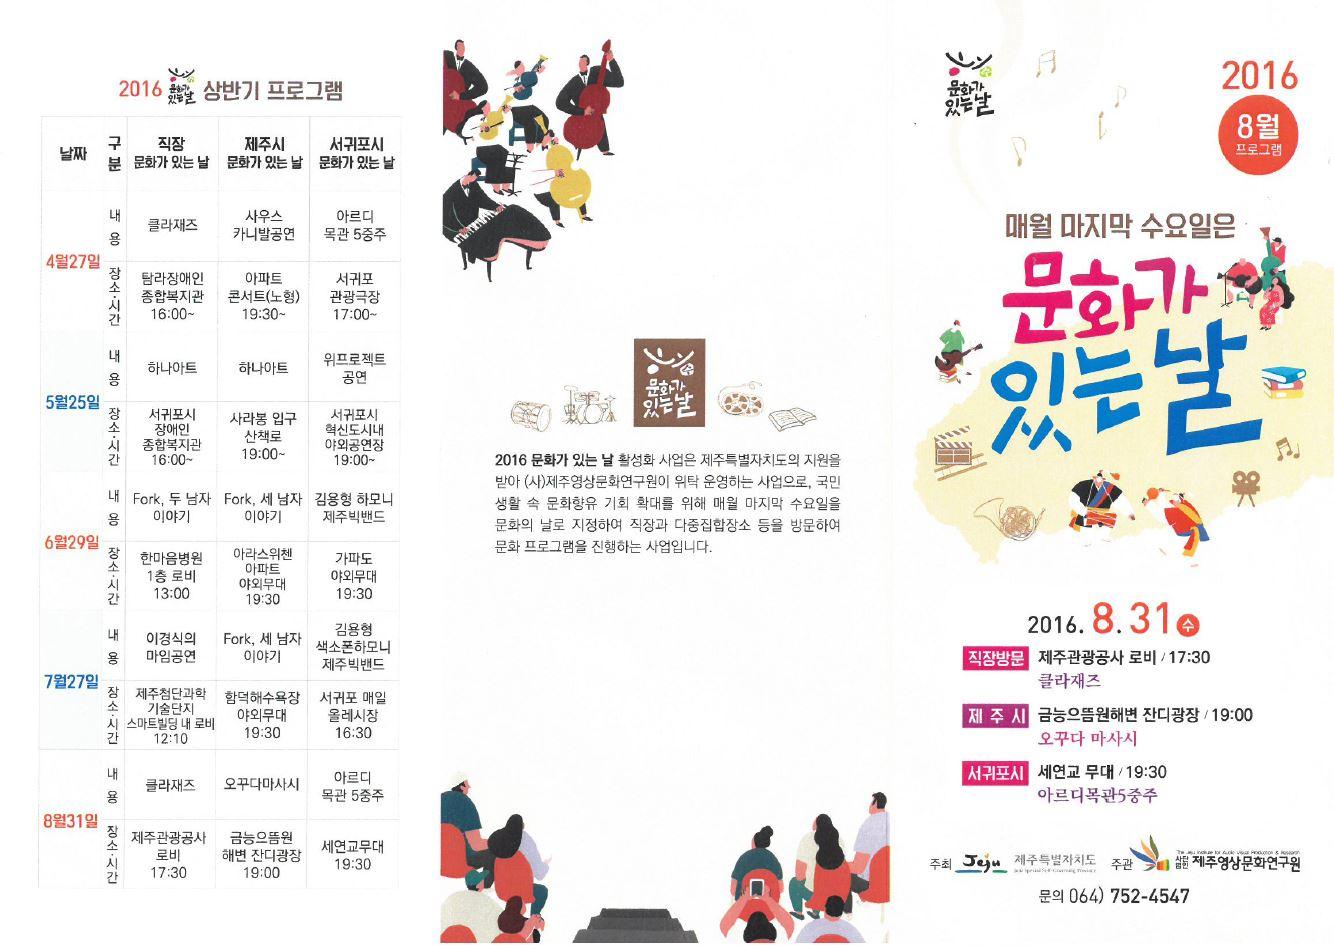 매월 마지막 수요일은 문화가 있는날 2016.8.31(수), 직장배달 콘서트